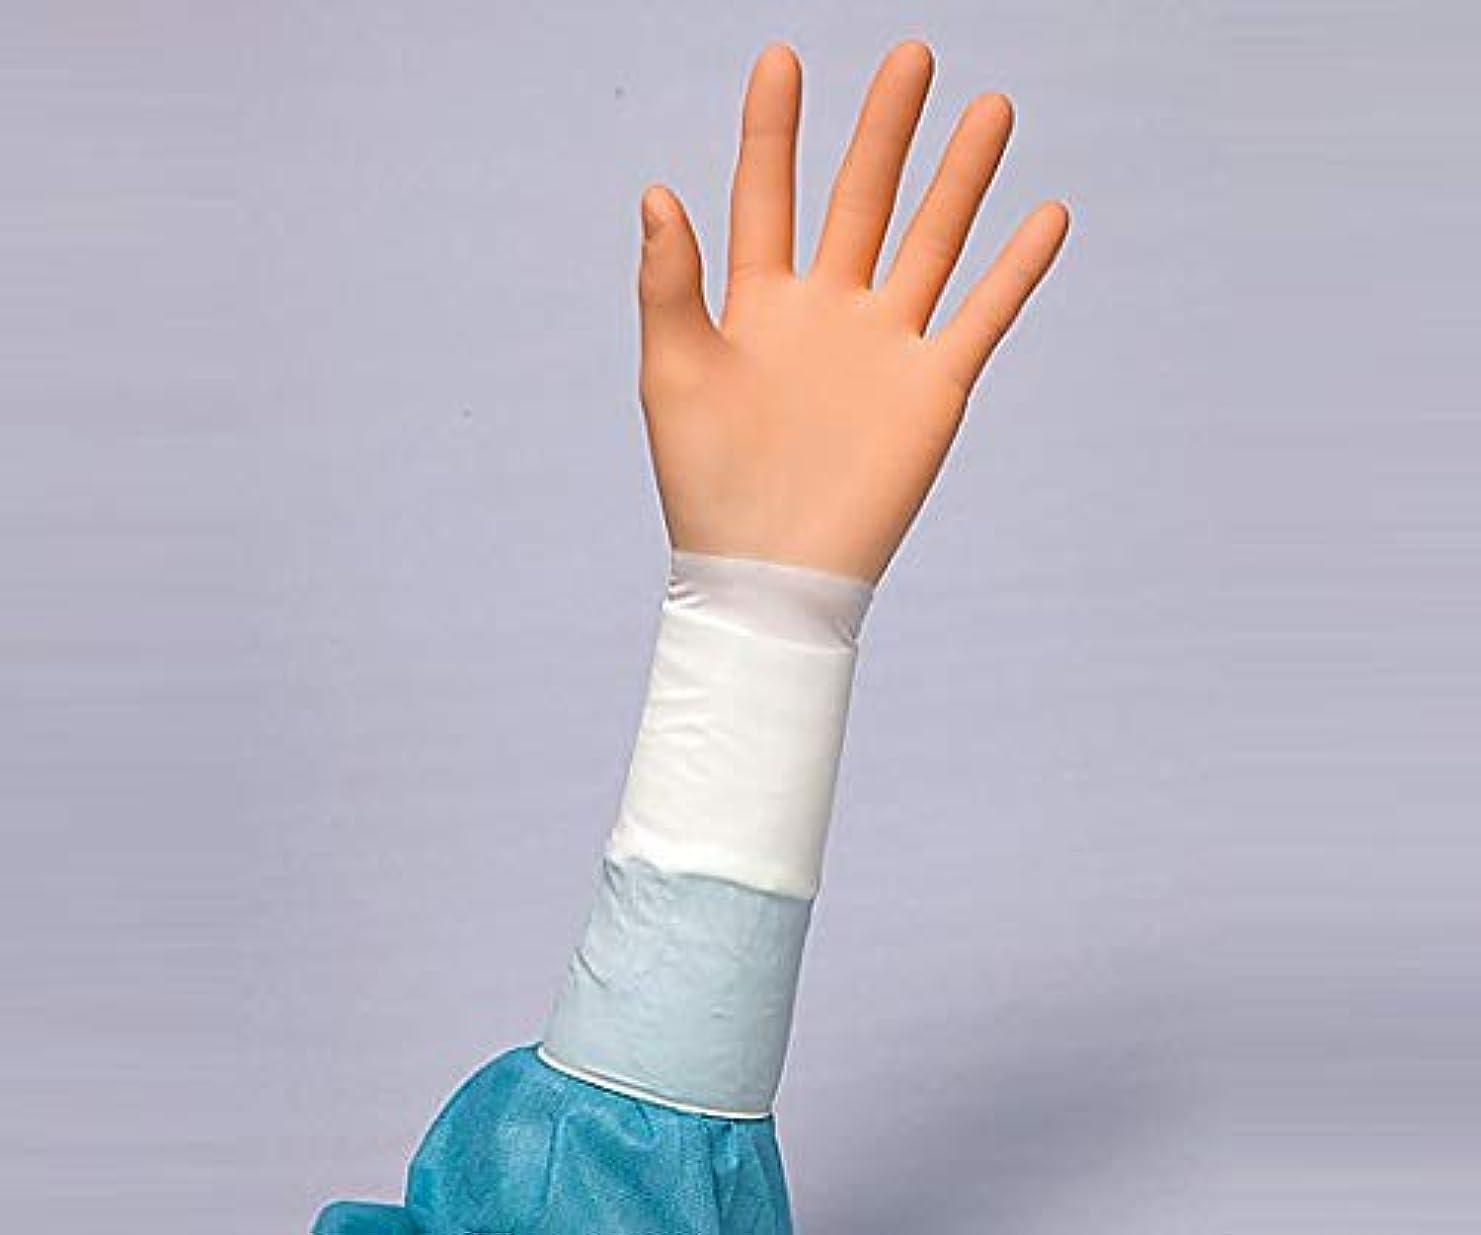 ひどい遮るアンテナエンブレム手術用手袋PF 20双 6.5